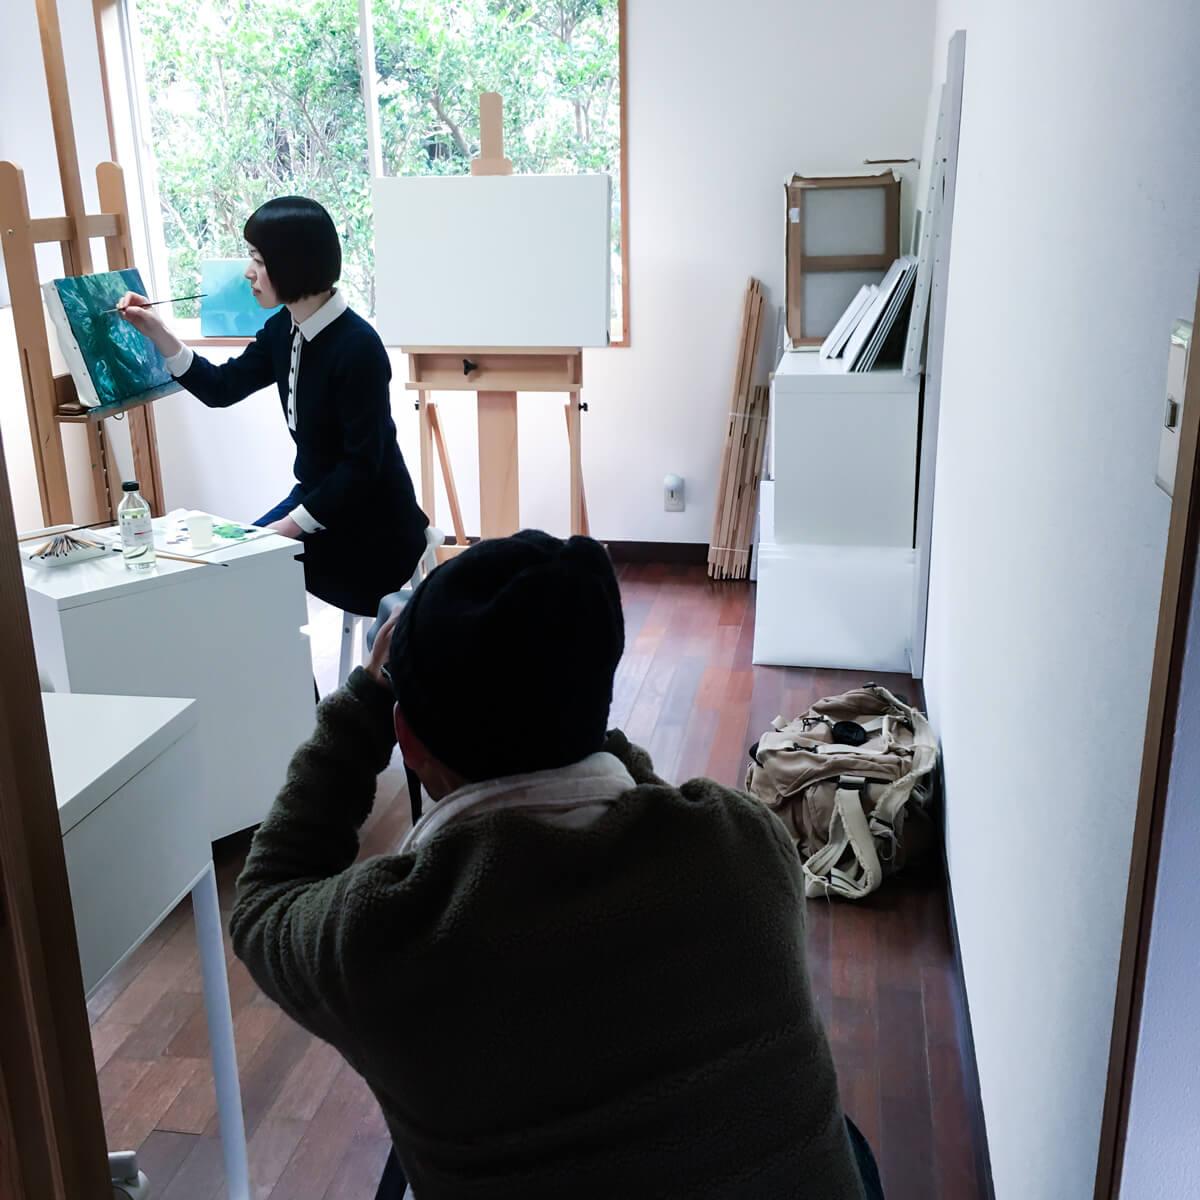 屋久島 ジュエリーと絵画のアトリエ 屋久島作家取材